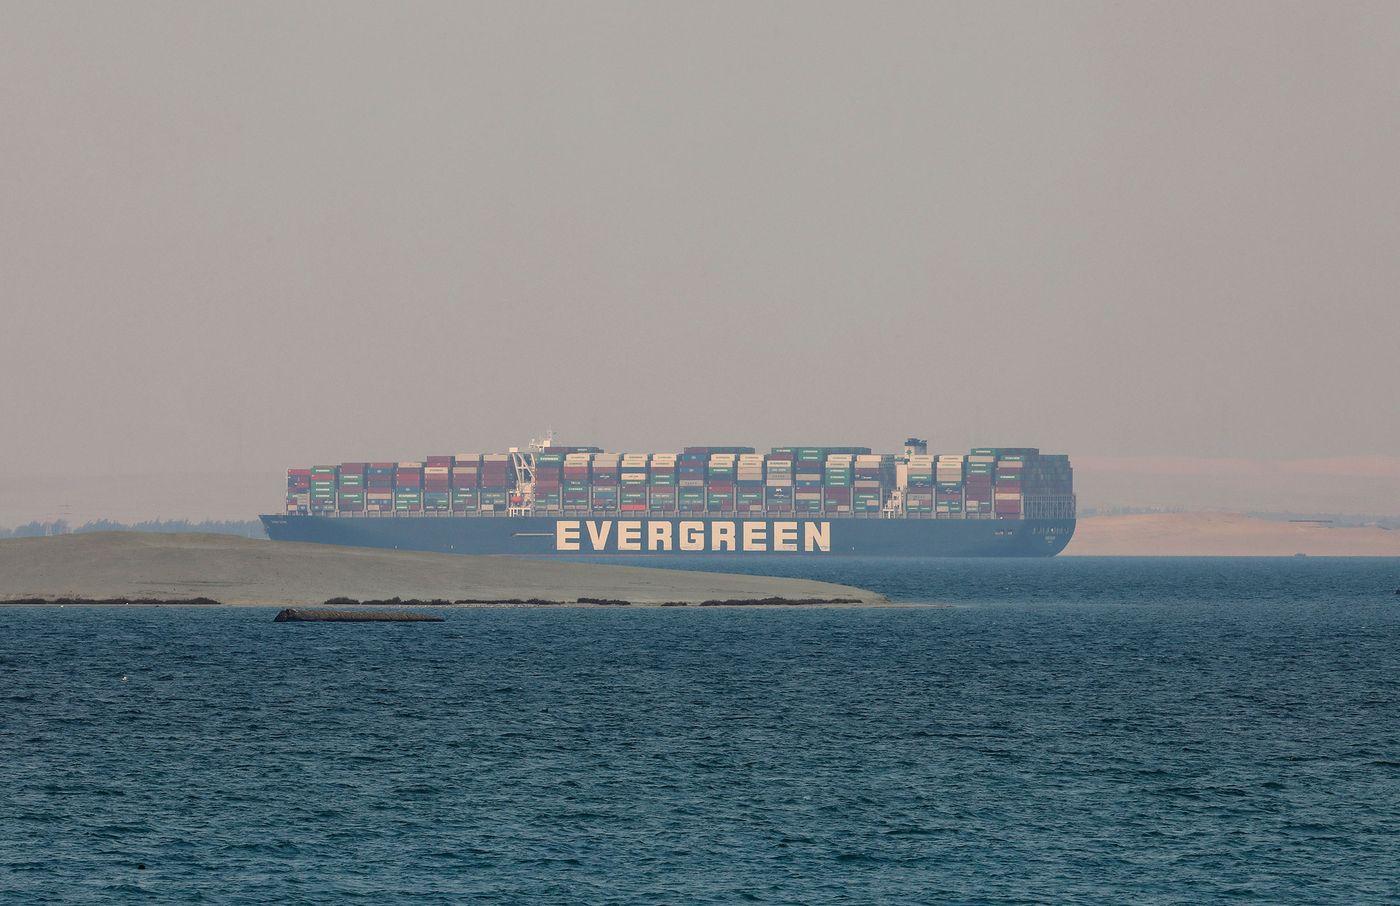 Câu chuyện đằng sau con tàu tỷ đô và 6 ngày khiến thương mại toàn cầu vỡ vụn - Ảnh 4.